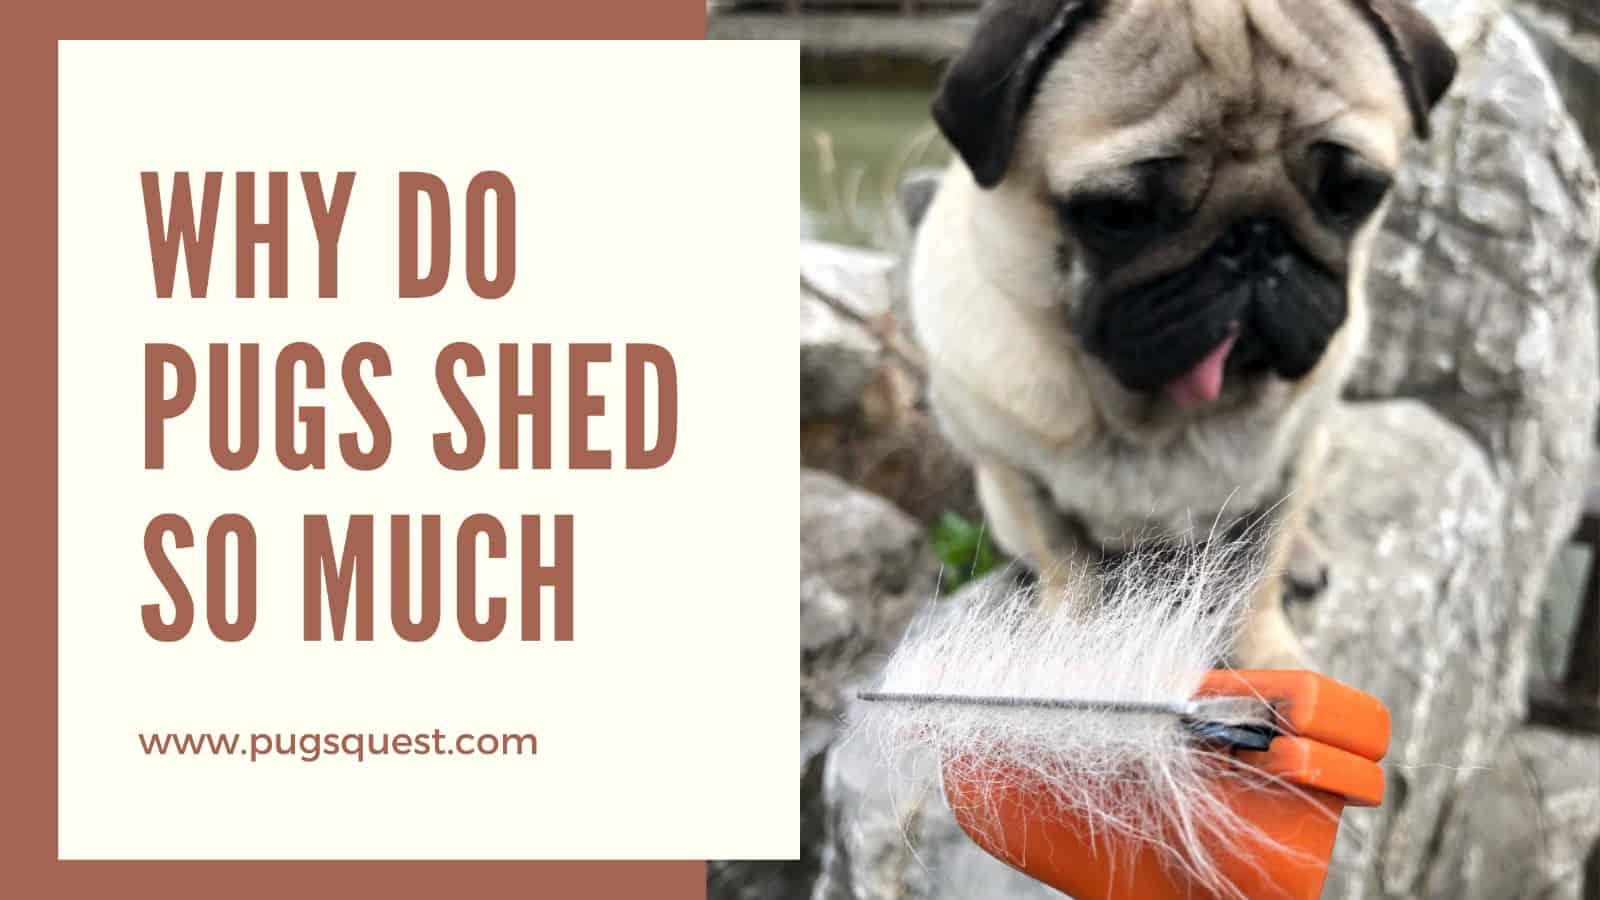 pug shedding